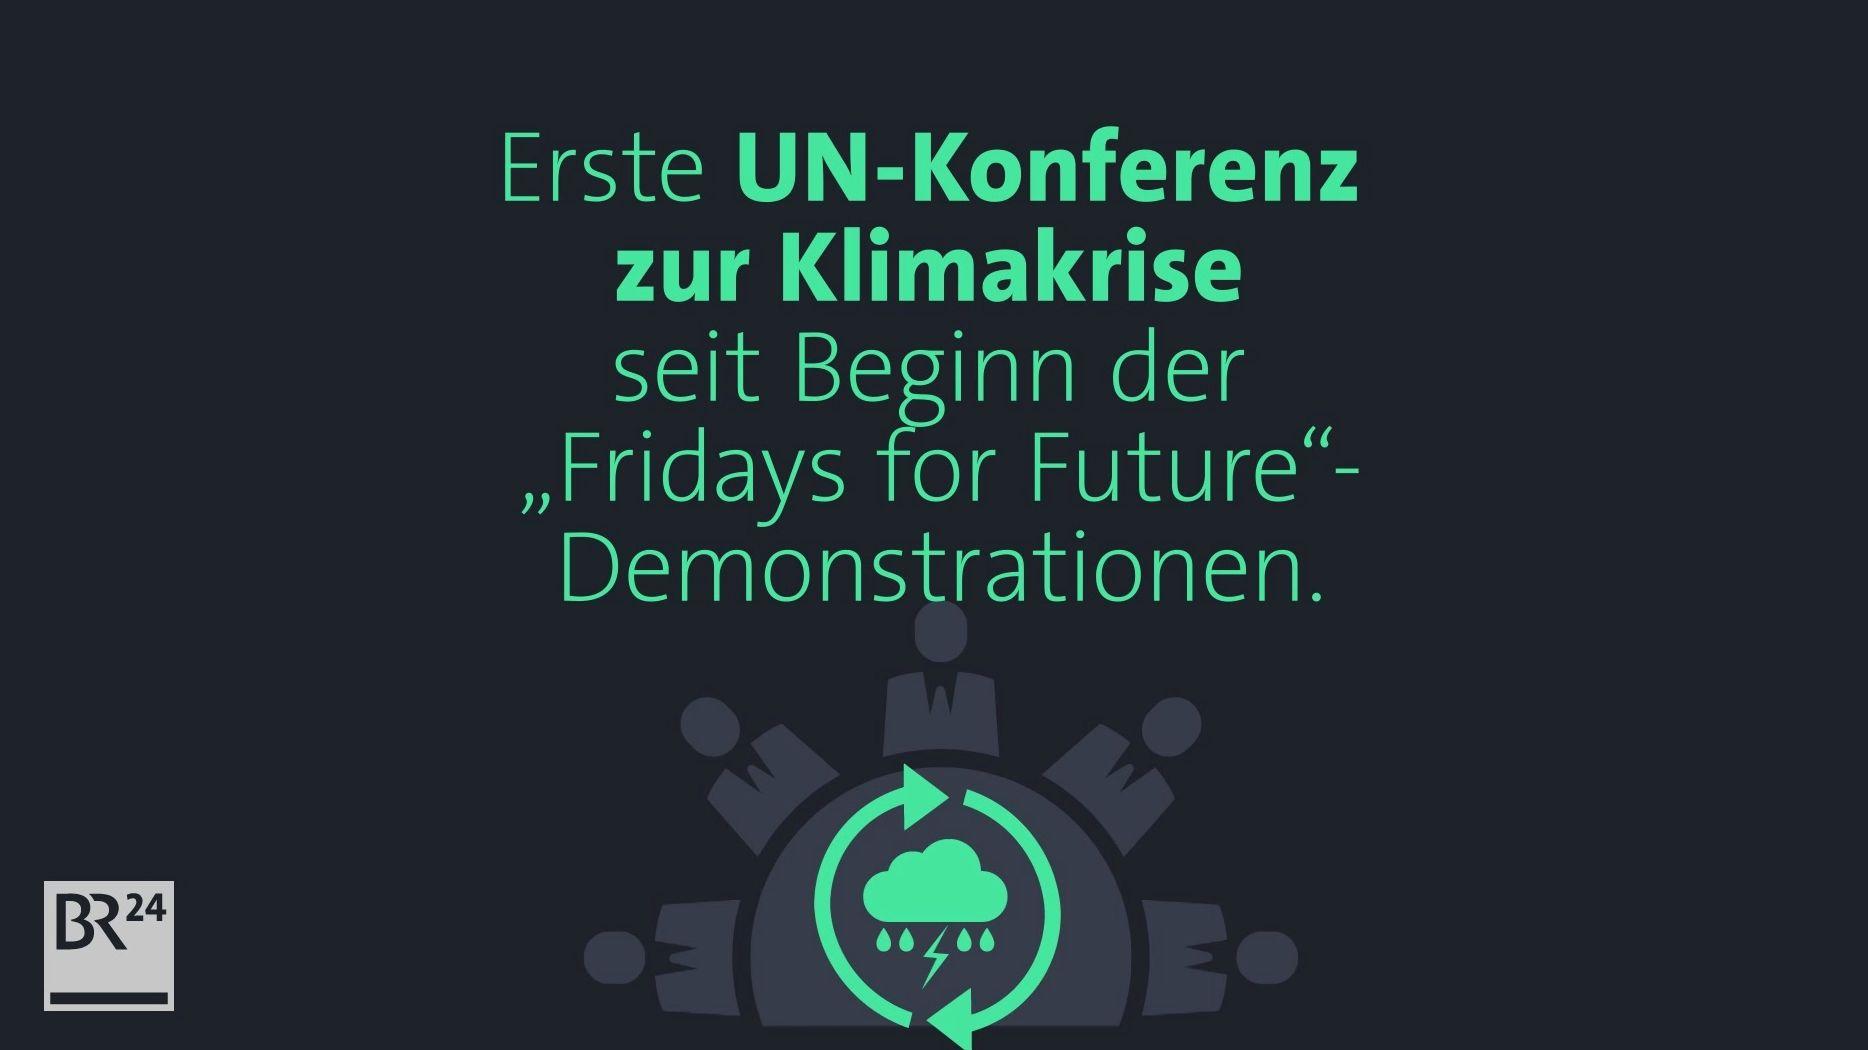 """Die erste UN-Klimakonferenz seit Entstehung der """"Fridays for Future""""-Bewegung findet in Bonn statt."""